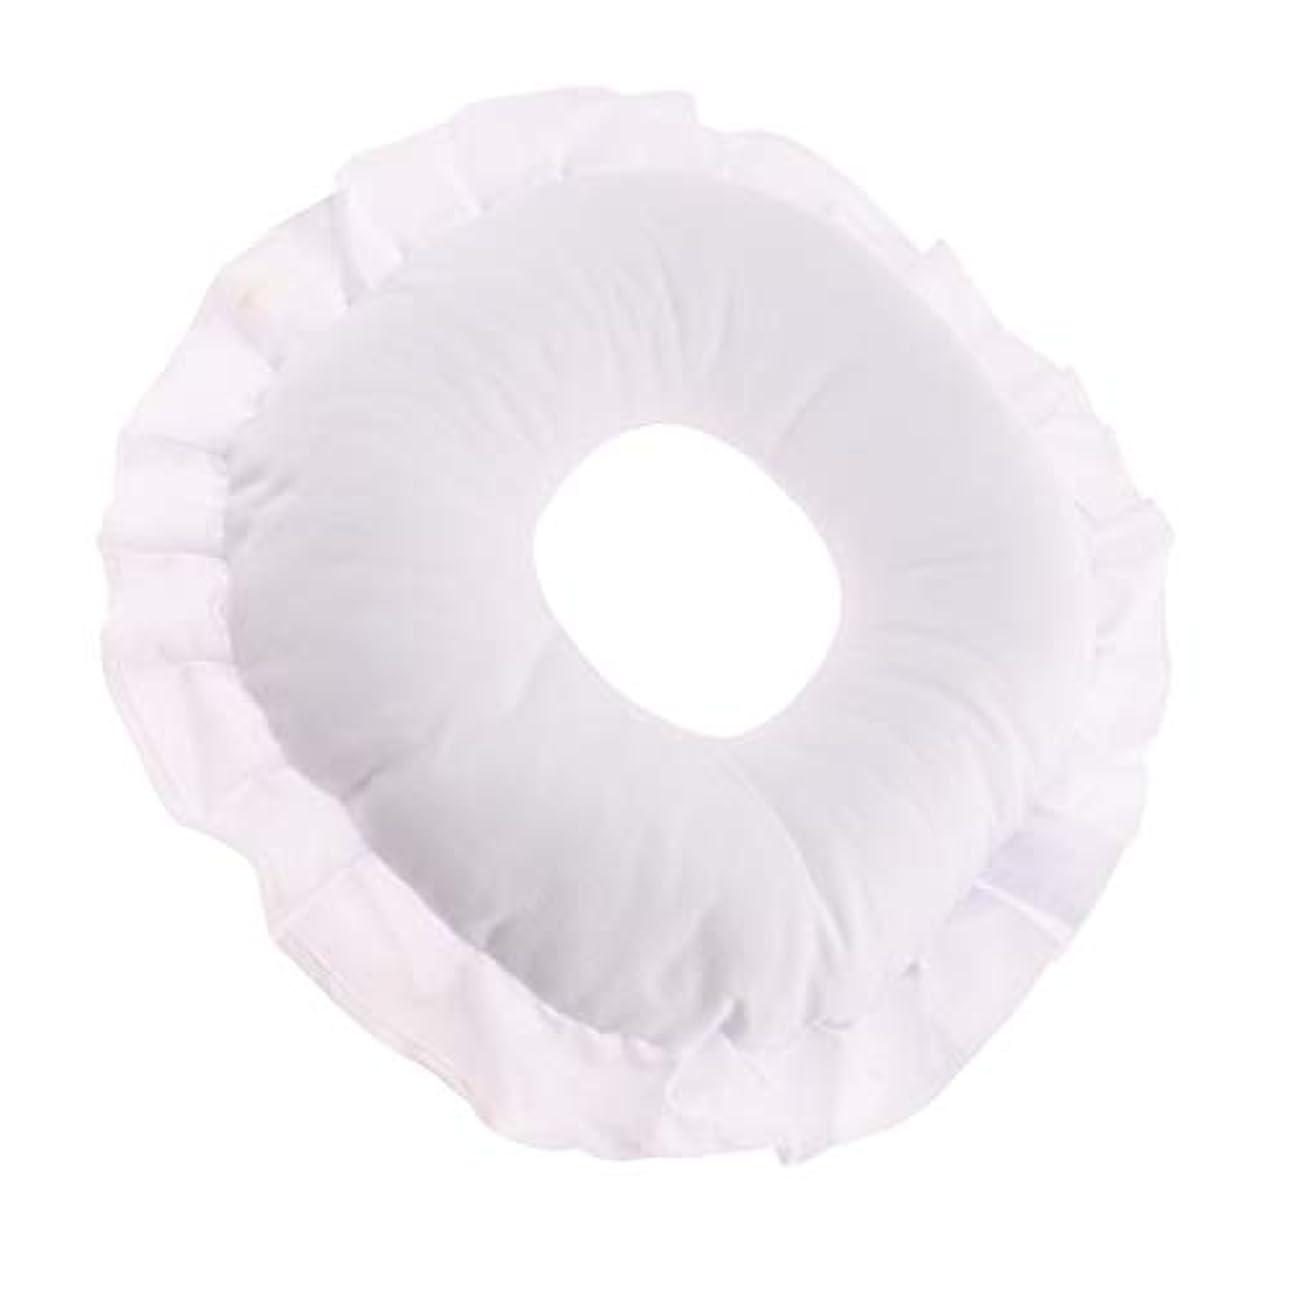 組み合わせる苦しみ問い合わせる全3色 フェイスピロー 顔枕 マッサージ枕 マッサージテーブルピロー 柔軟 洗えるカバー リラックス - 白